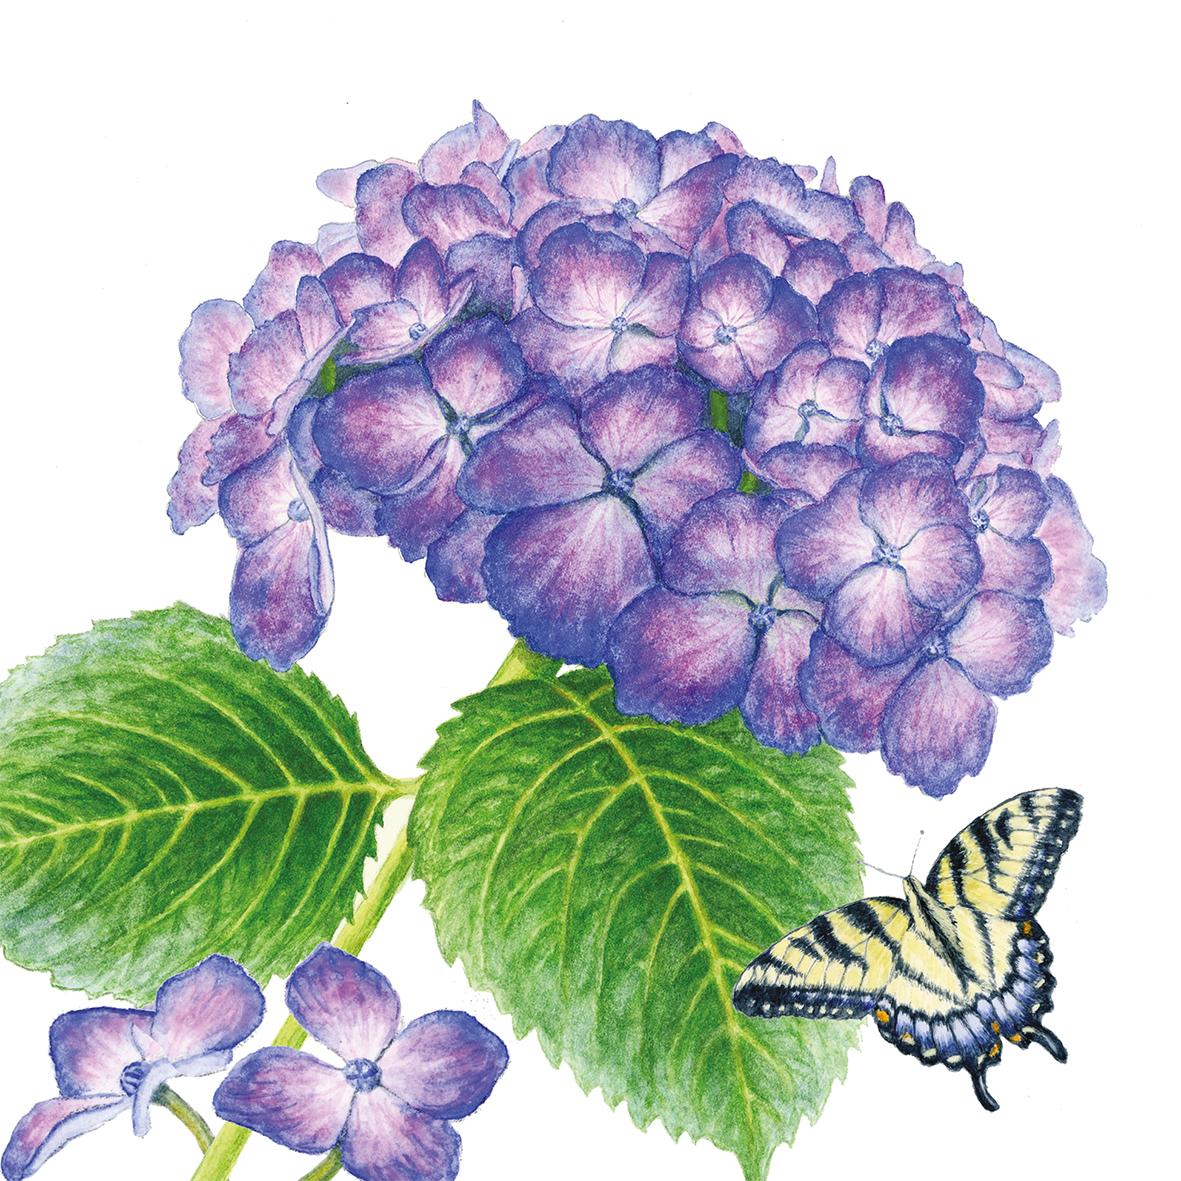 Hydrangea & Butterfly 33x33 cm